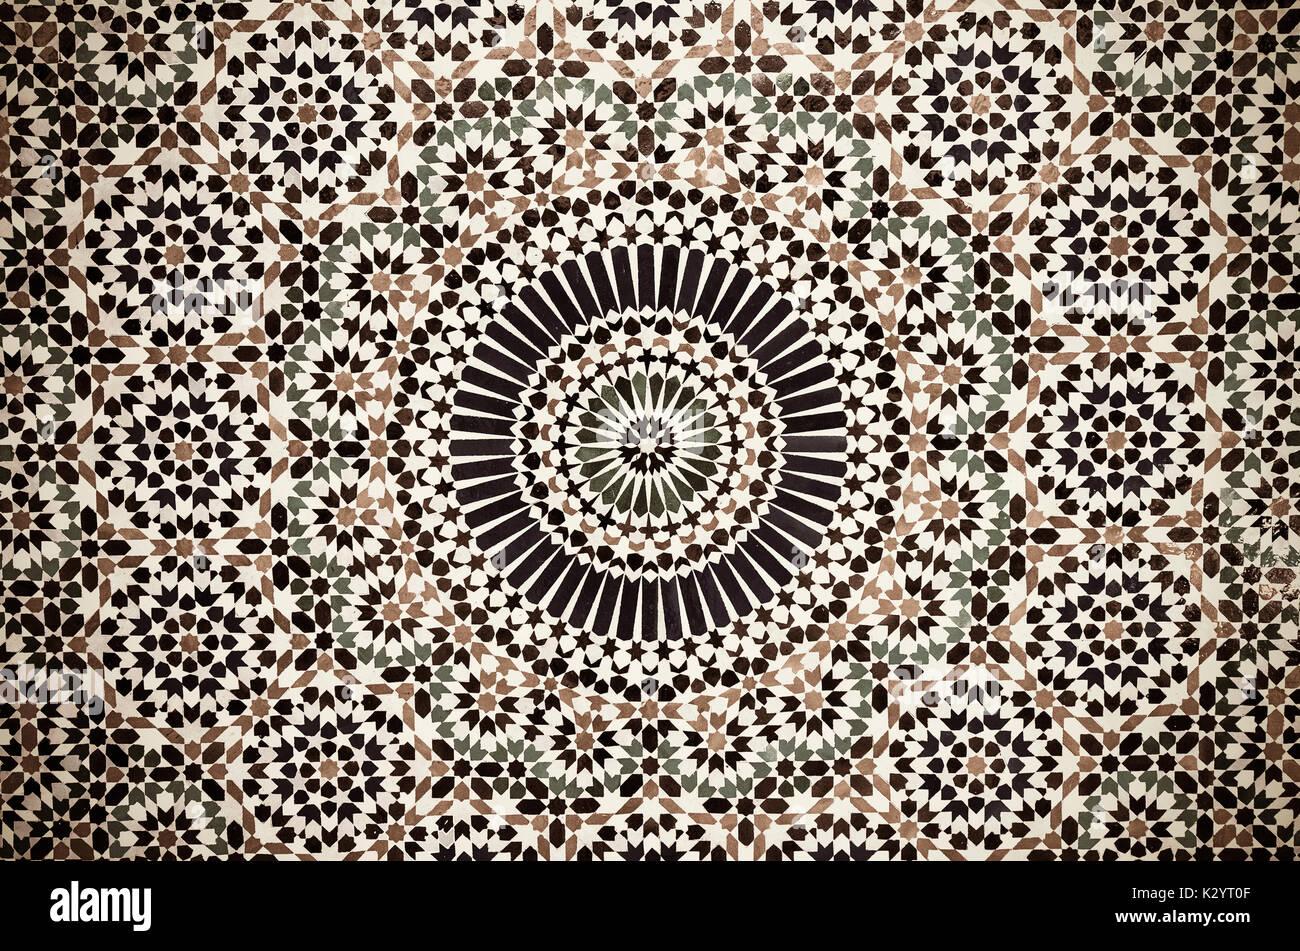 Piastrelle marocchine sfondo foto & immagine stock: 156734159 alamy